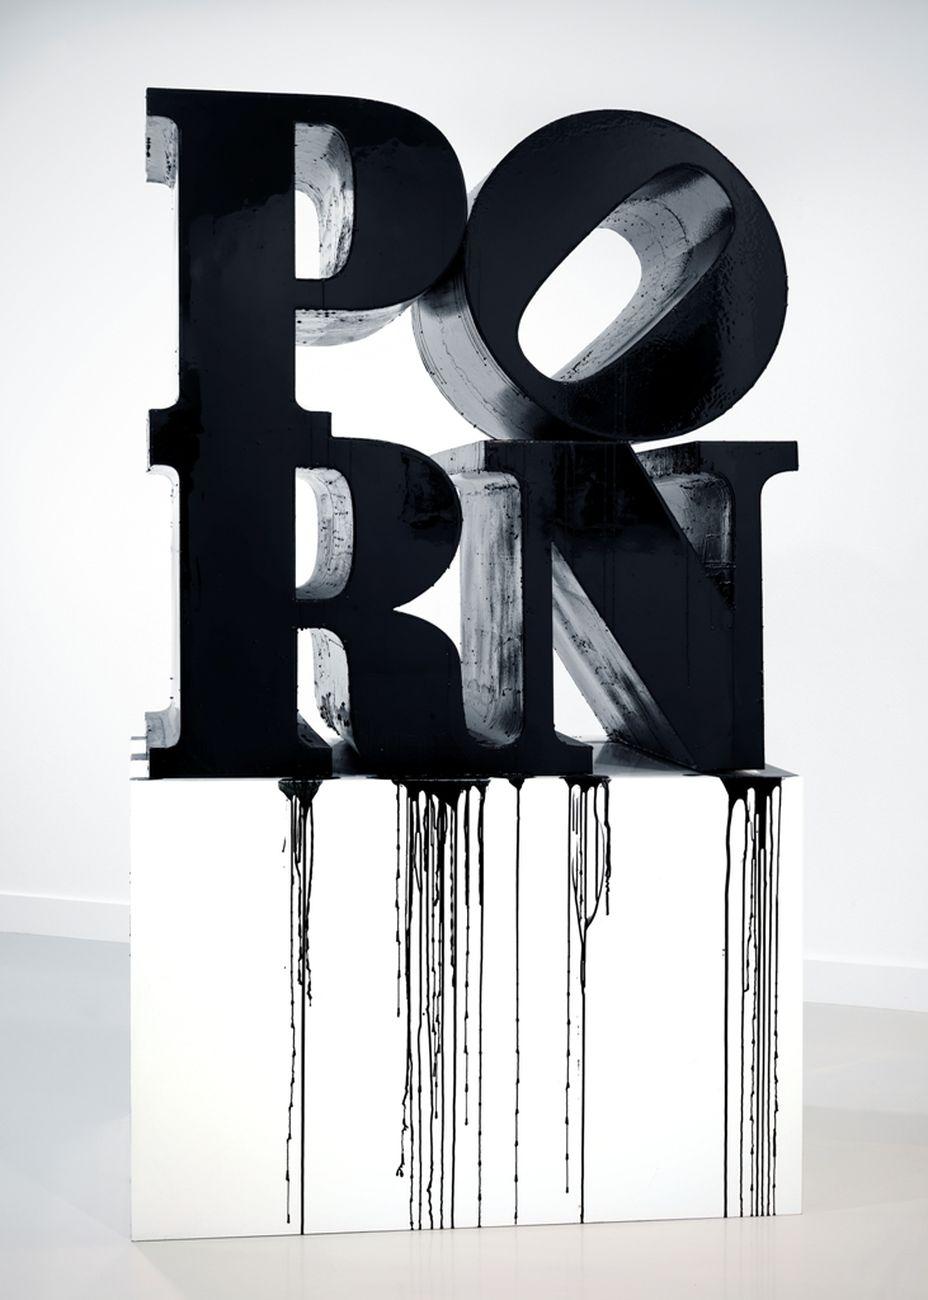 Marc Bijl, Porn, 2006. Collection Rattan Chadha. Photo Gert Jan van Rooij